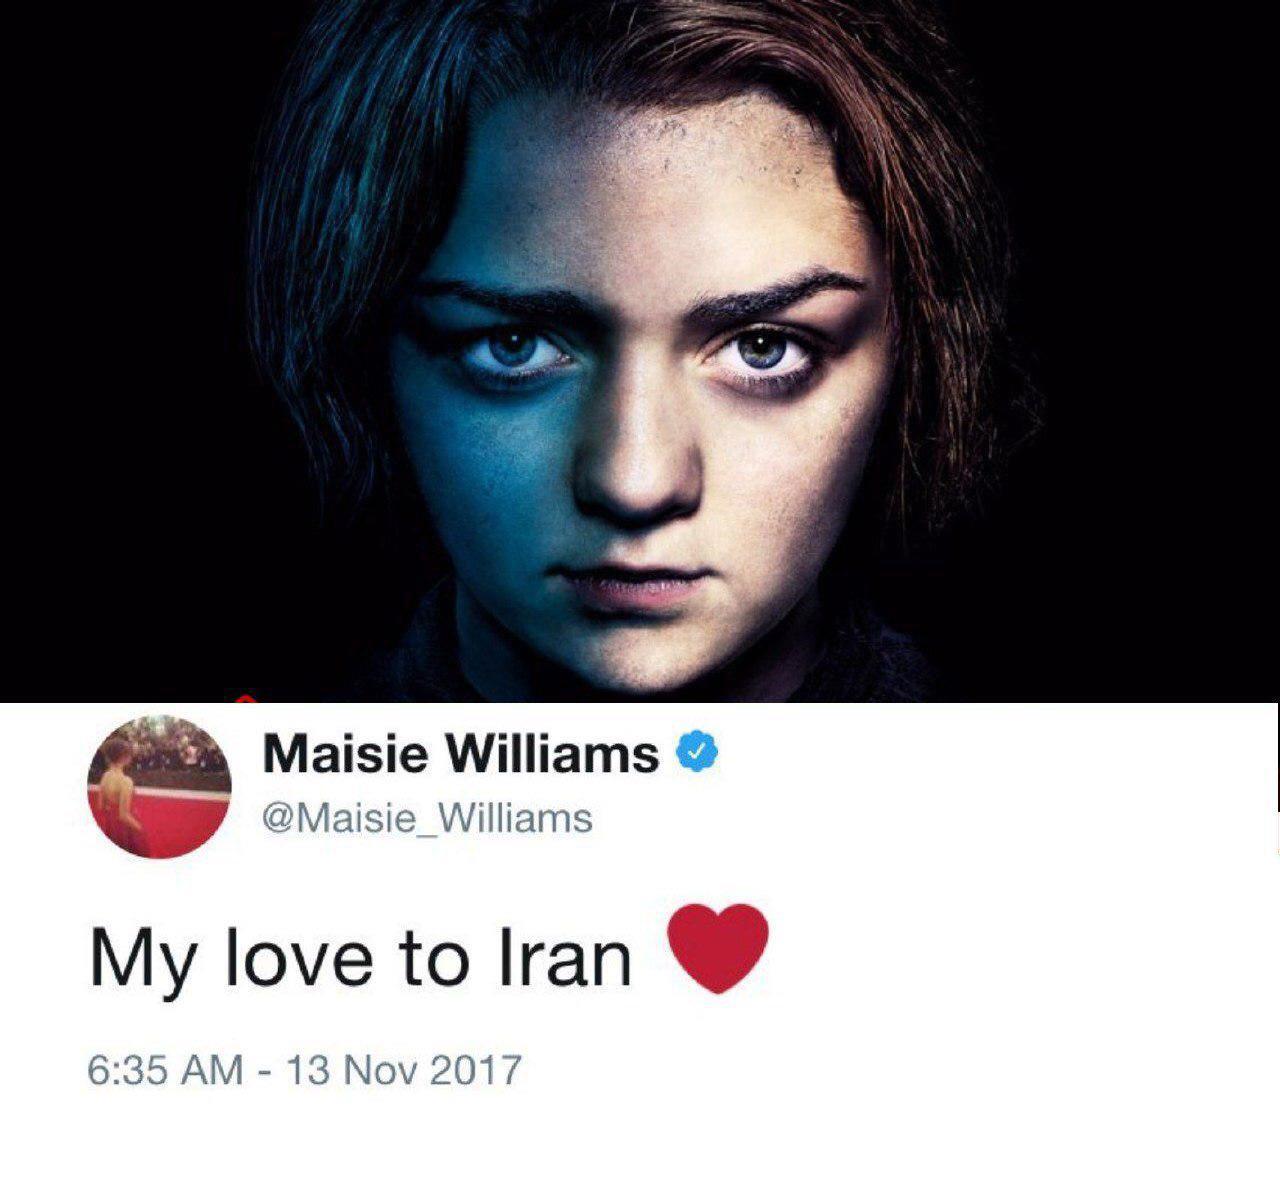 همدردی بازیگر گیم آف ترونز با زلزله زدگان ایران.